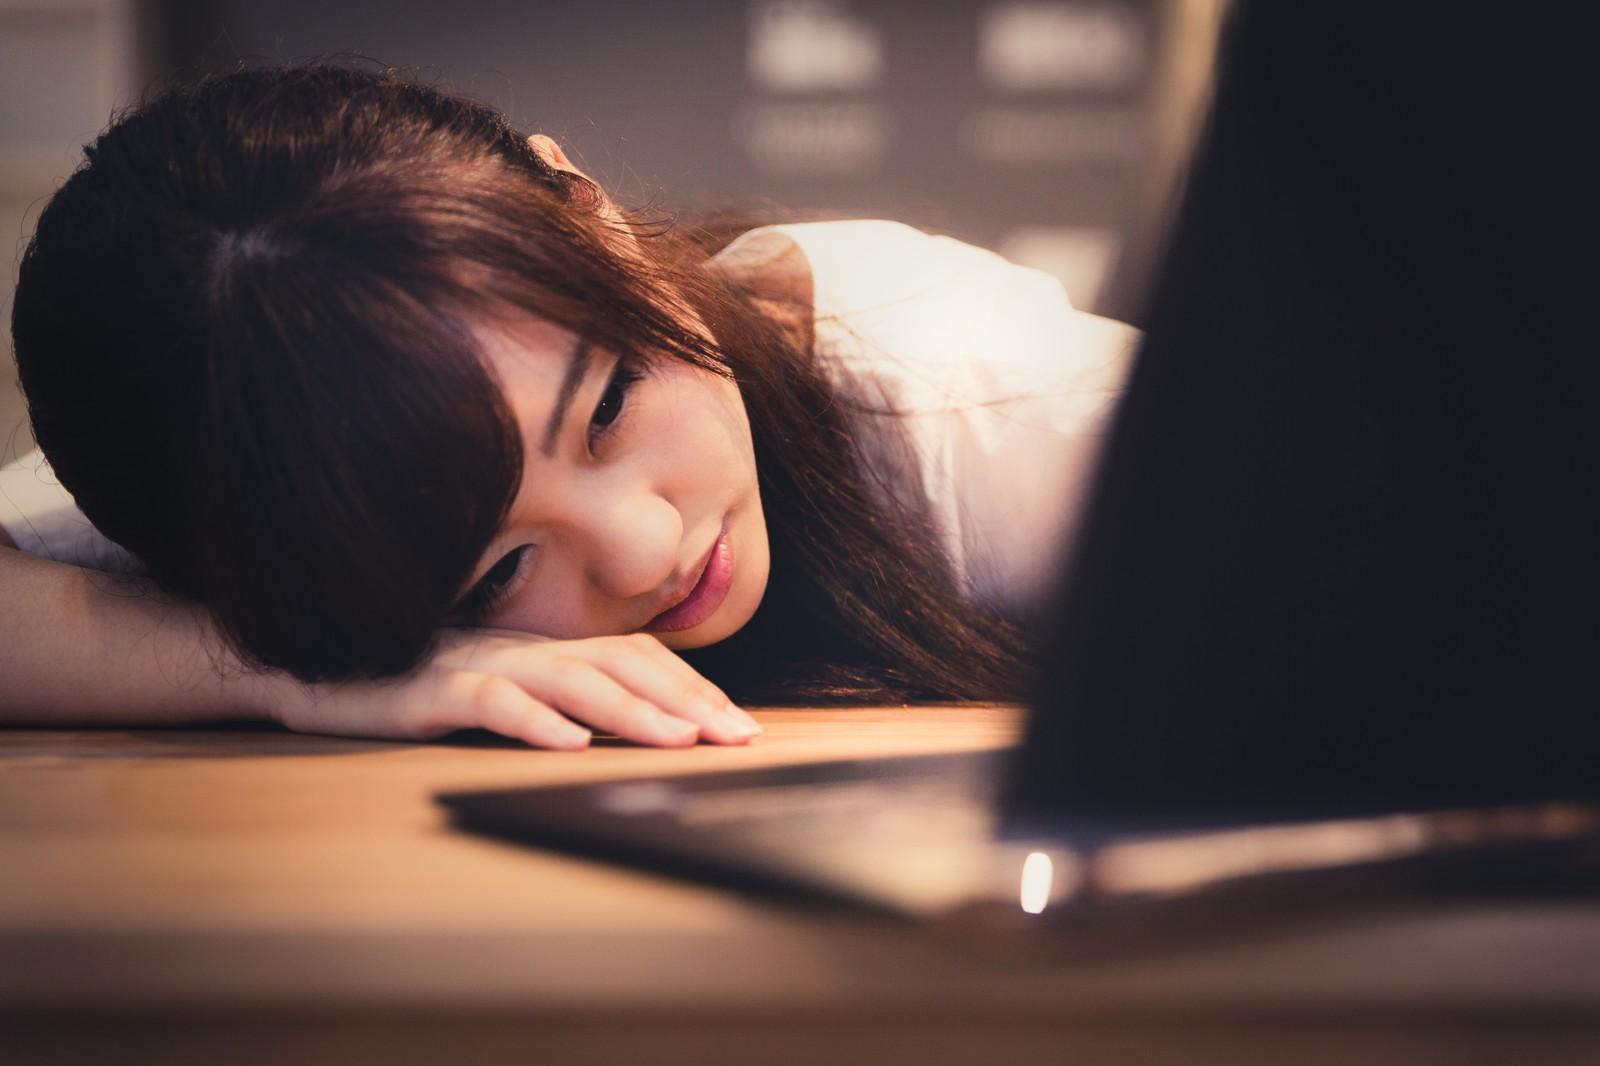 パソコンの前でぐったりする女性の画像